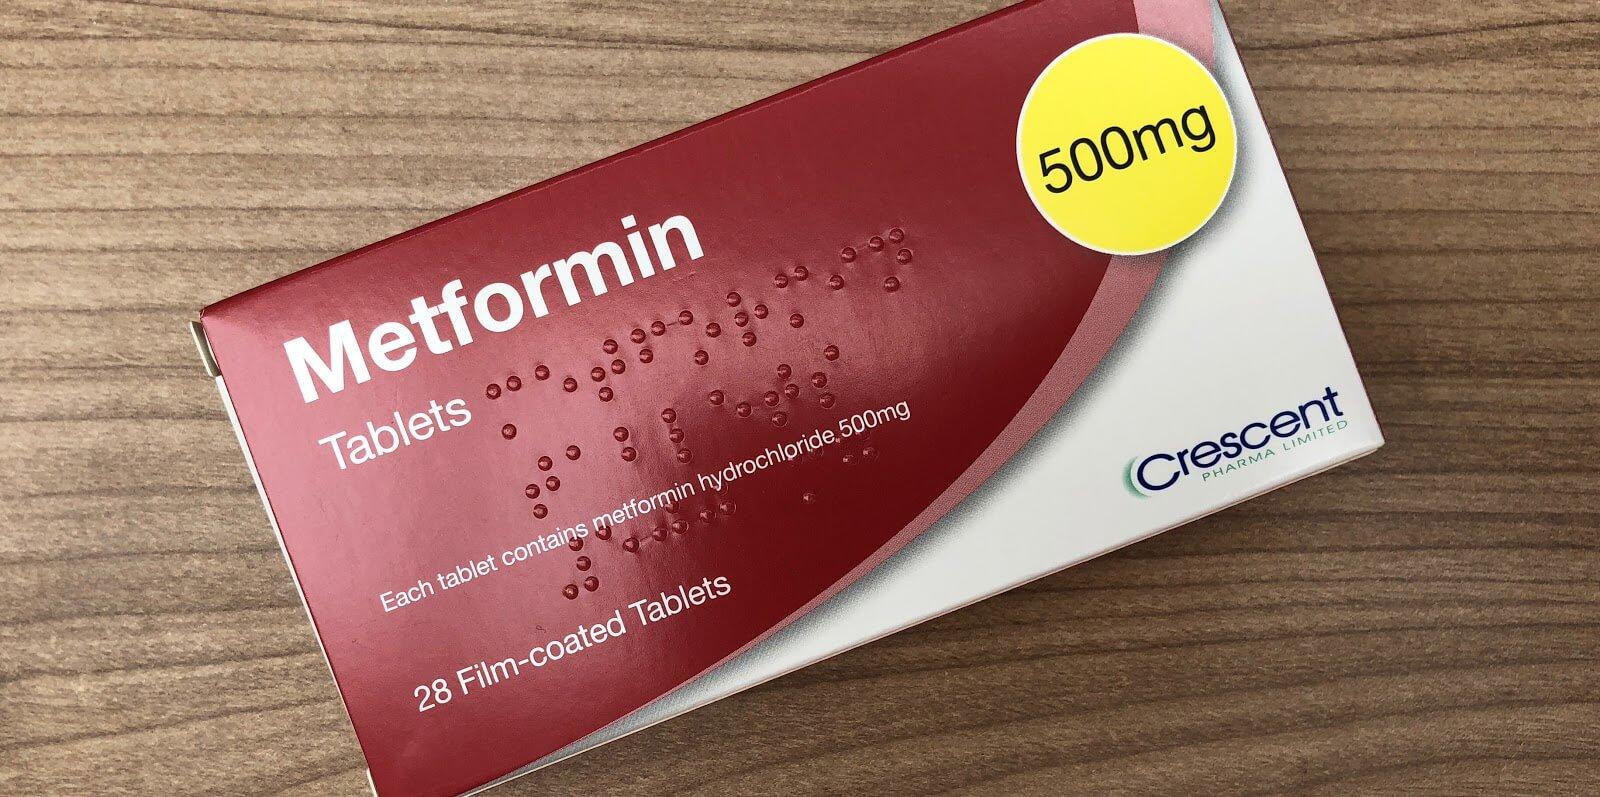 ميتفورمين-أقراص-جلوكوفاج